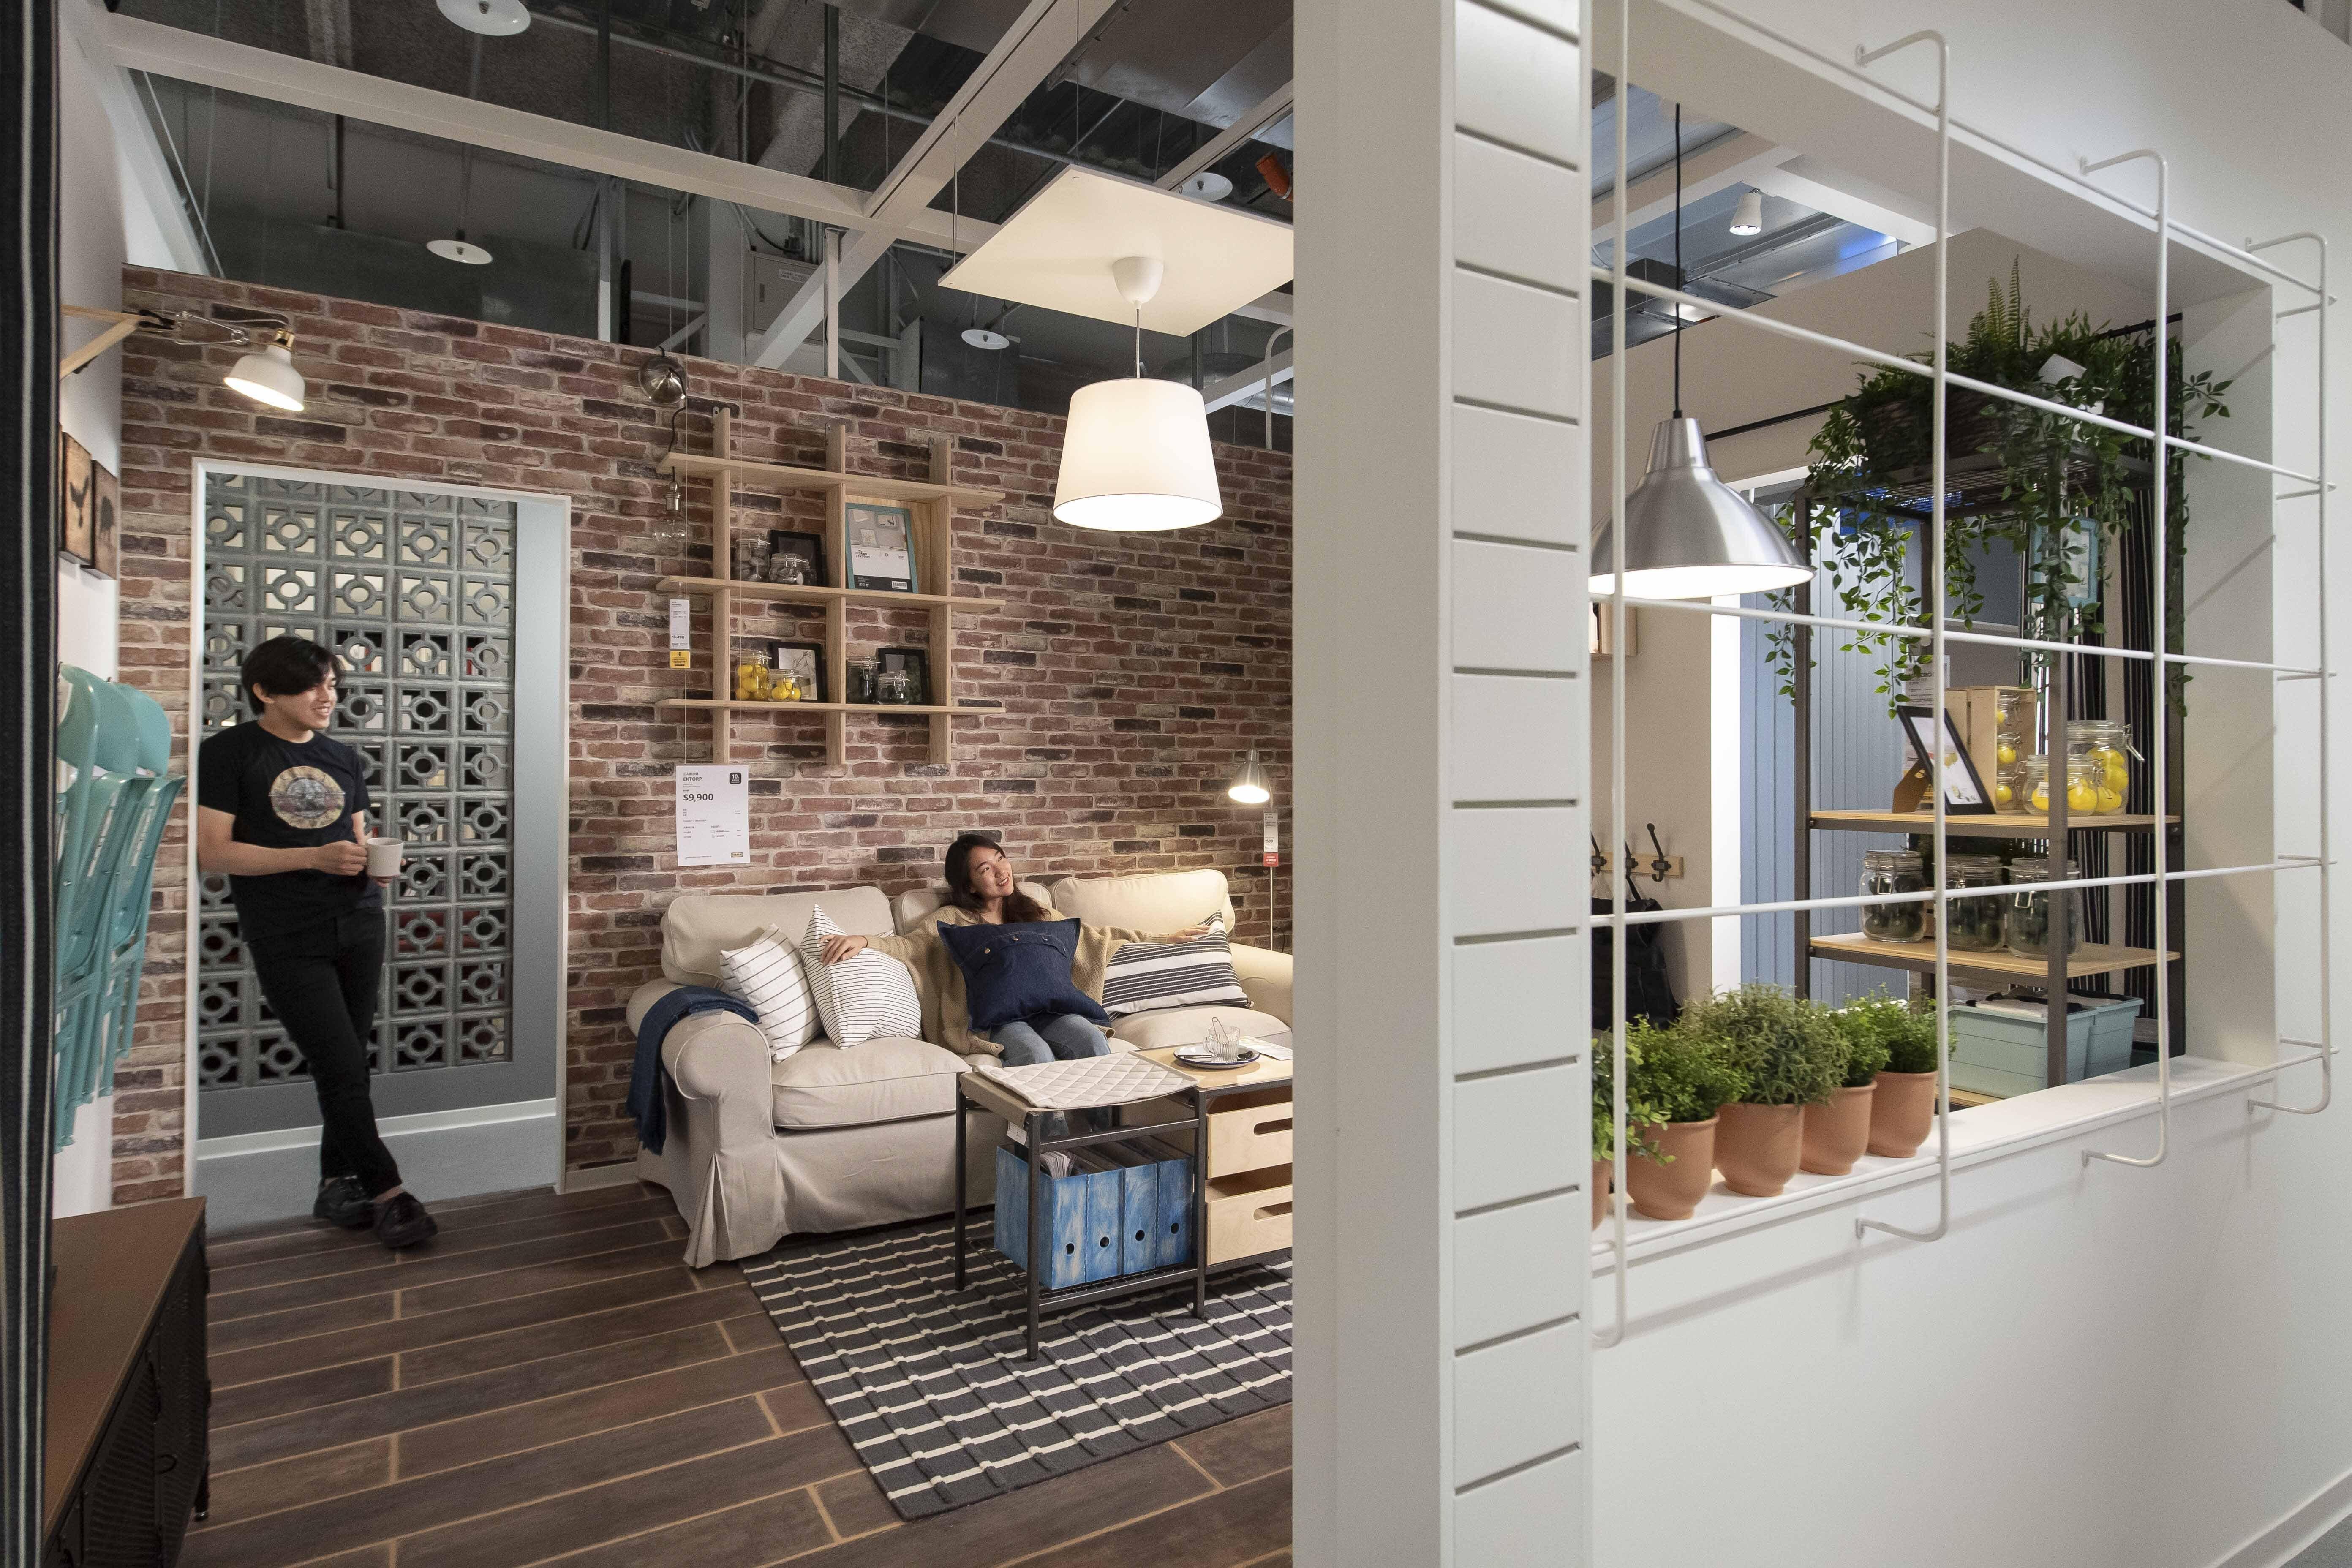 ▲新店店是IKEA唯一捷運共構店,佔地6600坪。廠商提供